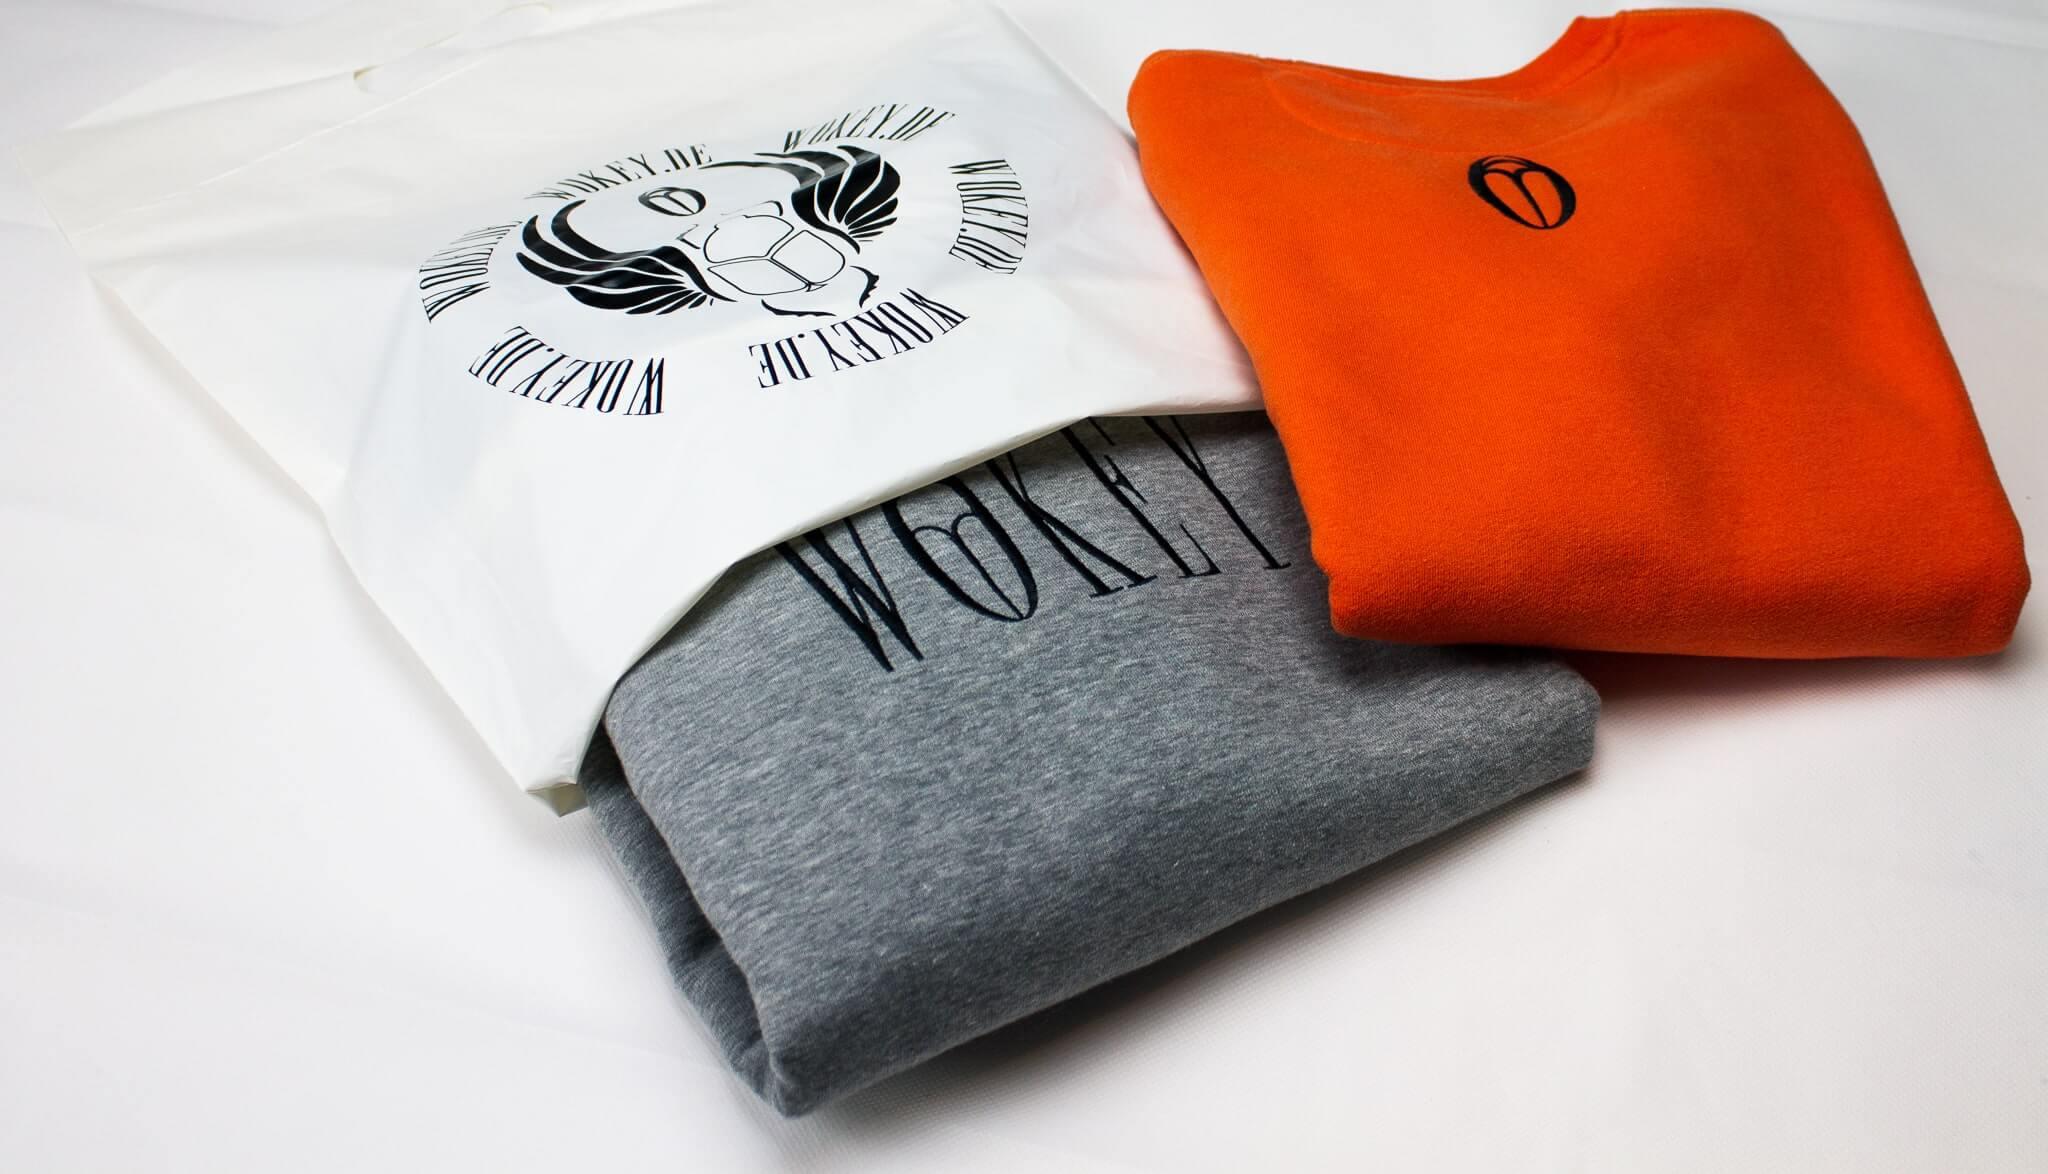 Bedruckte kompostierbare Versandbeutel für Kleidung von Wokey